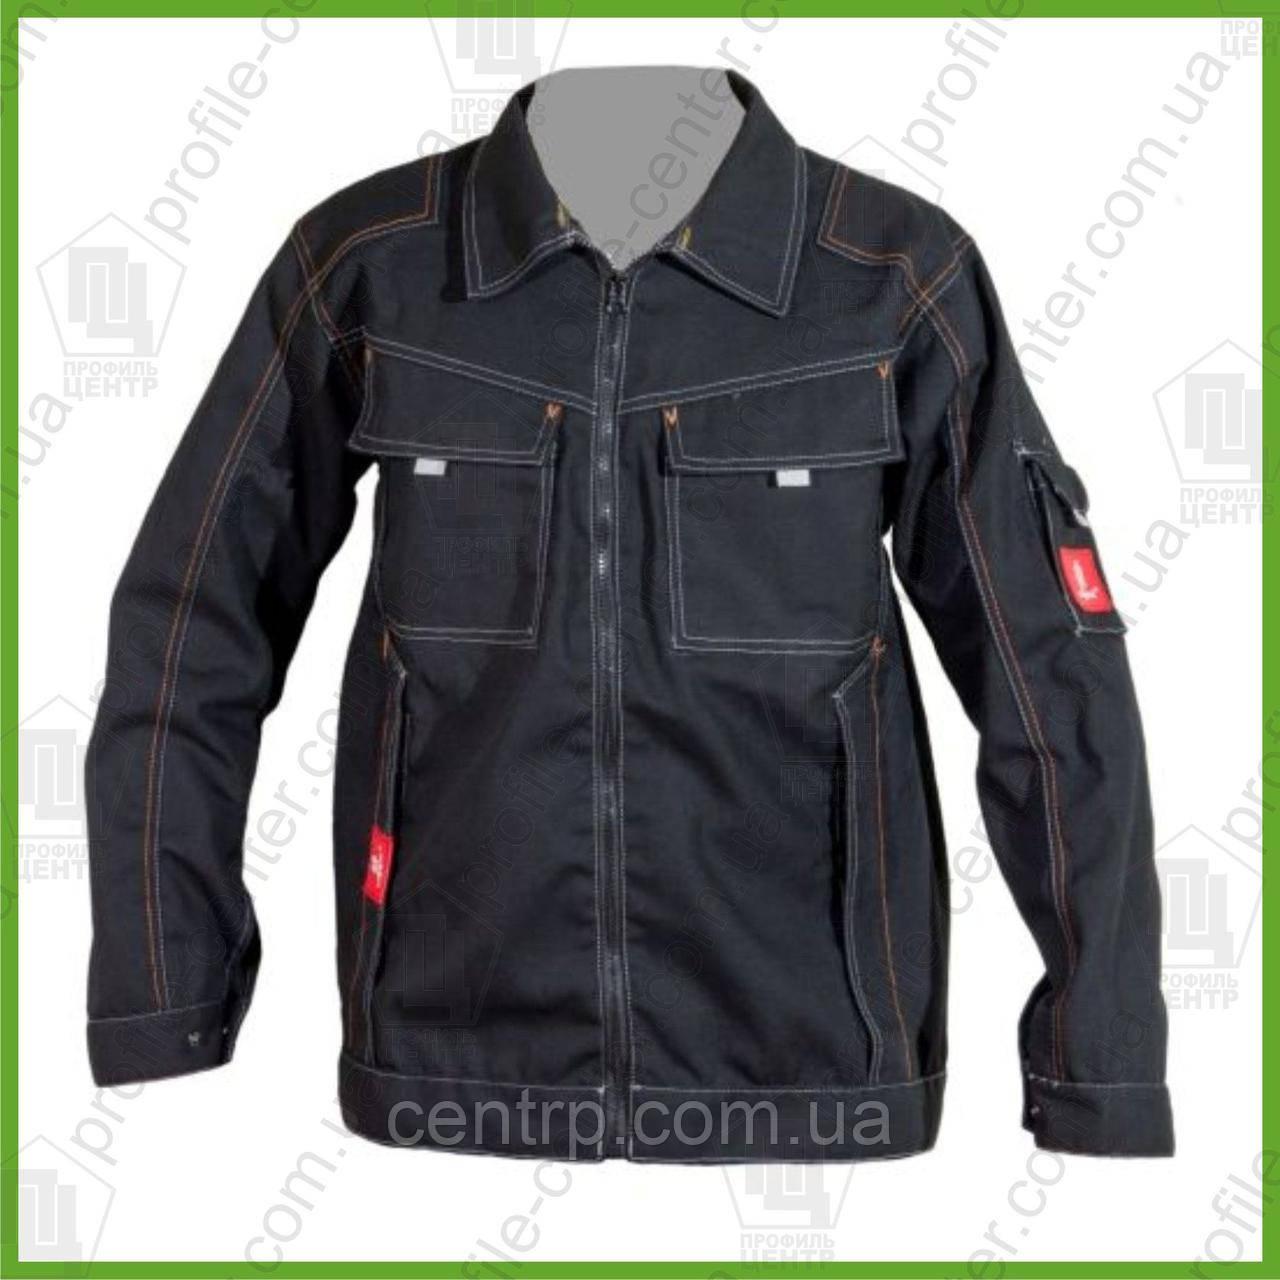 Куртка рабочая URGENT URG-B, цвет черный